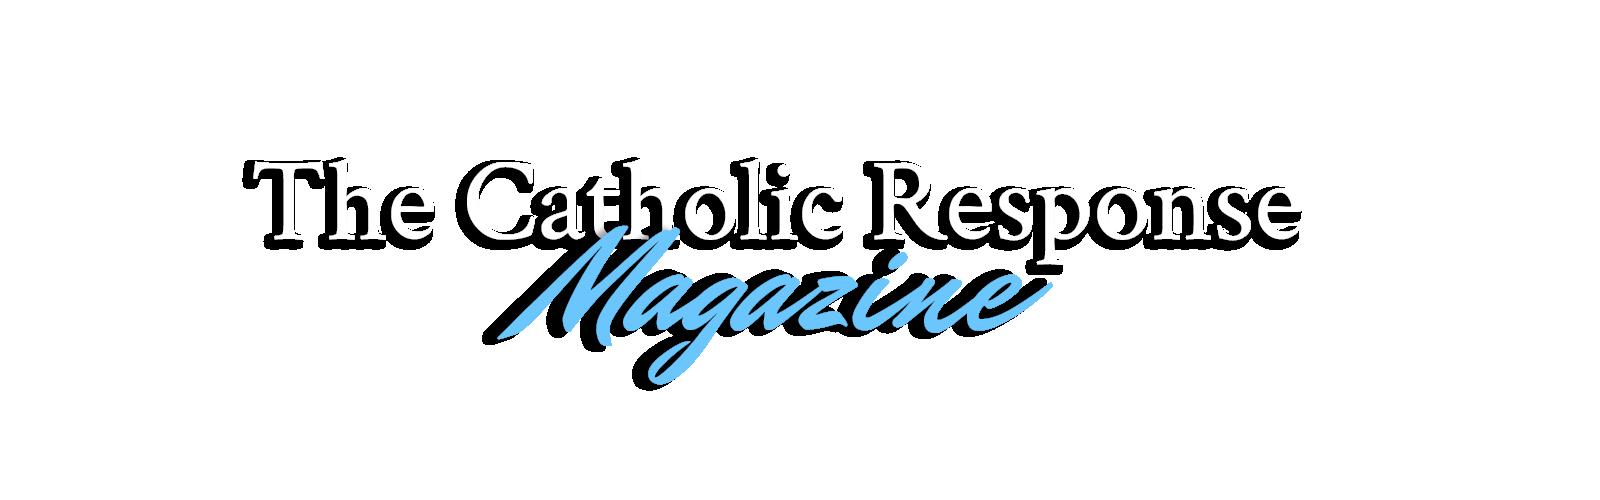 The Catholic Response Magazine